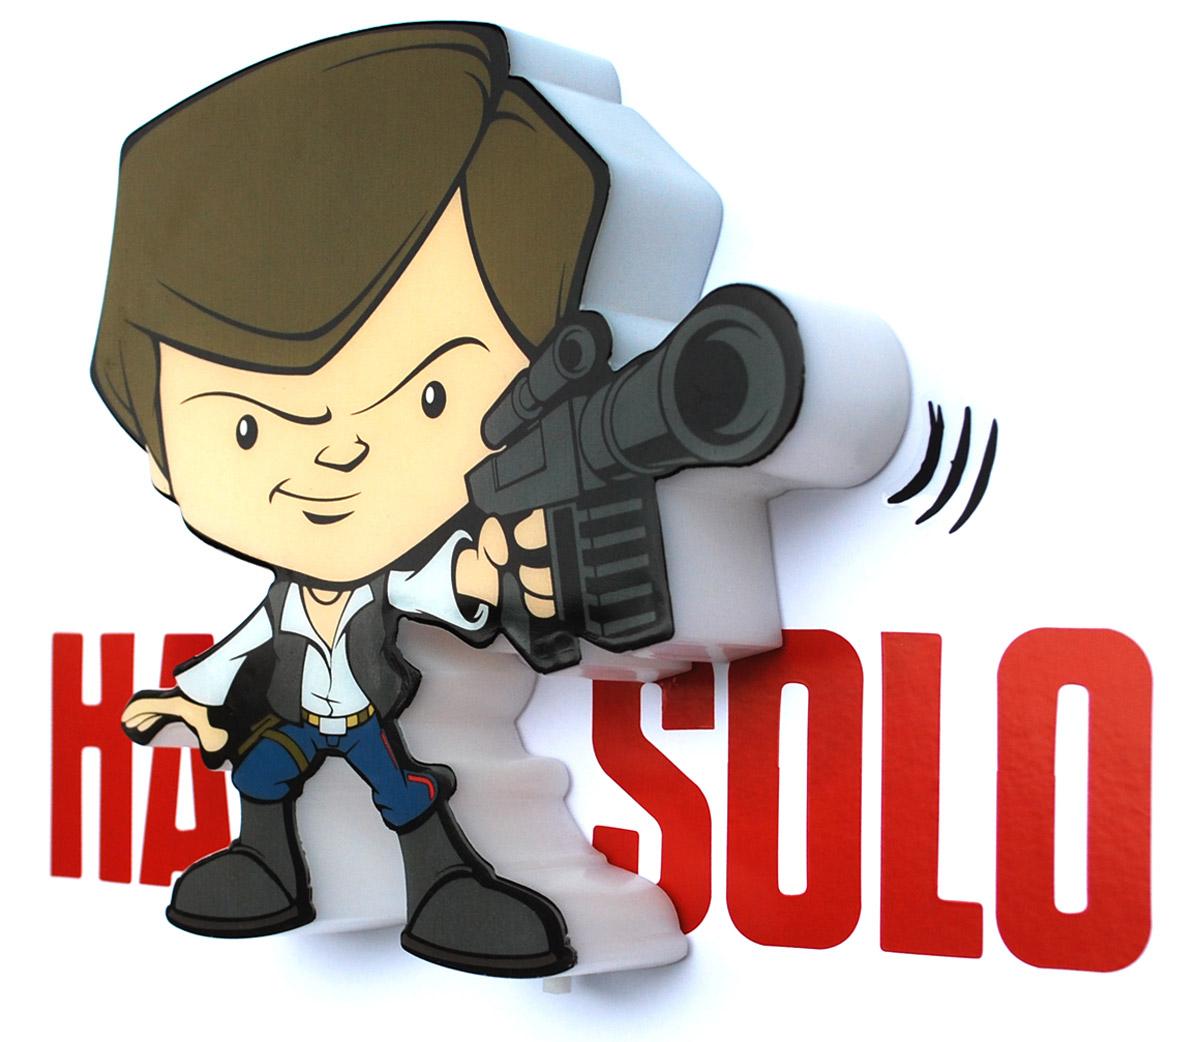 Star Wars Пробивной 3D мини-светильник Хан Соло50014120Пробивной 3D мини-светильник Star Wars Хан Соло обязательно понравится вашему ребенку.Особенности: Безопасный: без проводов, работает от батареек (2хААА, не входят в комплект);Не нагревается: всегда можно дотронуться до изделия;Реалистичный: 3D наклейка в комплекте;Фантастический: выглядит превосходно в любое время суток;Удобный: простая установка (автоматическое выключение через полчаса непрерывной работы).Товар предназначен для детей старше 3 лет. ВНИМАНИЕ! Содержит мелкие детали, использовать под непосредственным наблюдением взрослых.